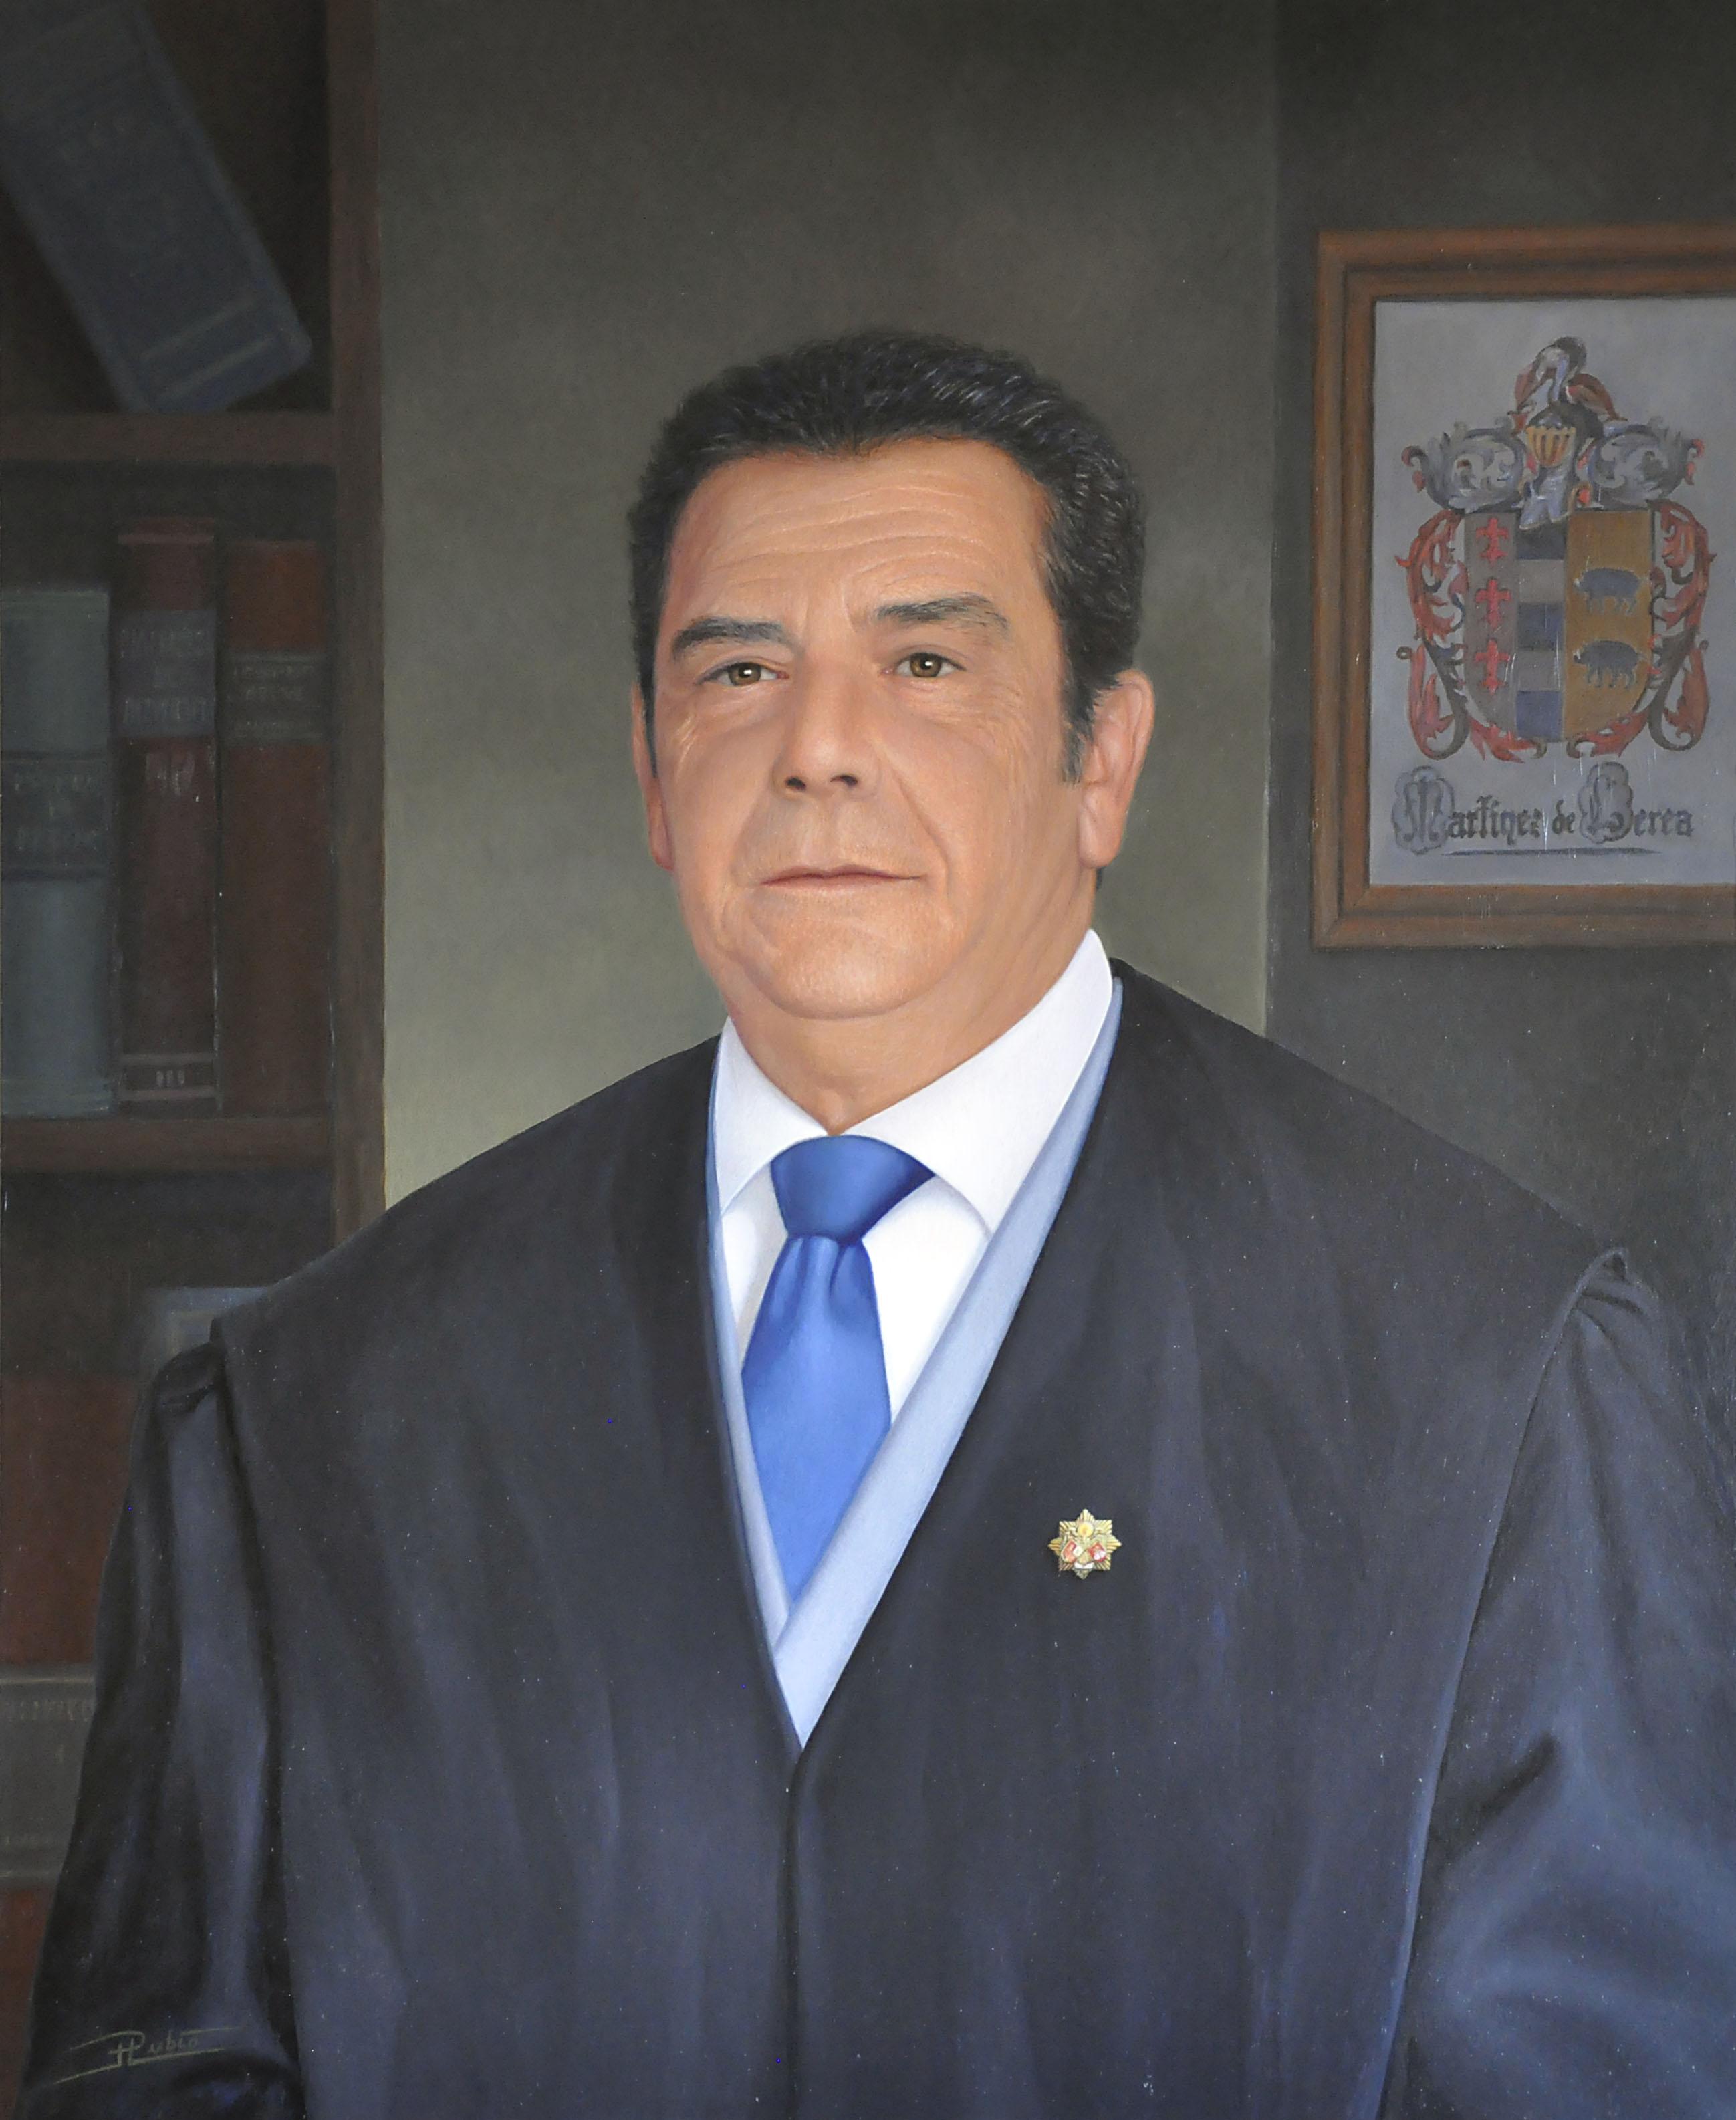 Samuel Martínez de Lecea Muñoz